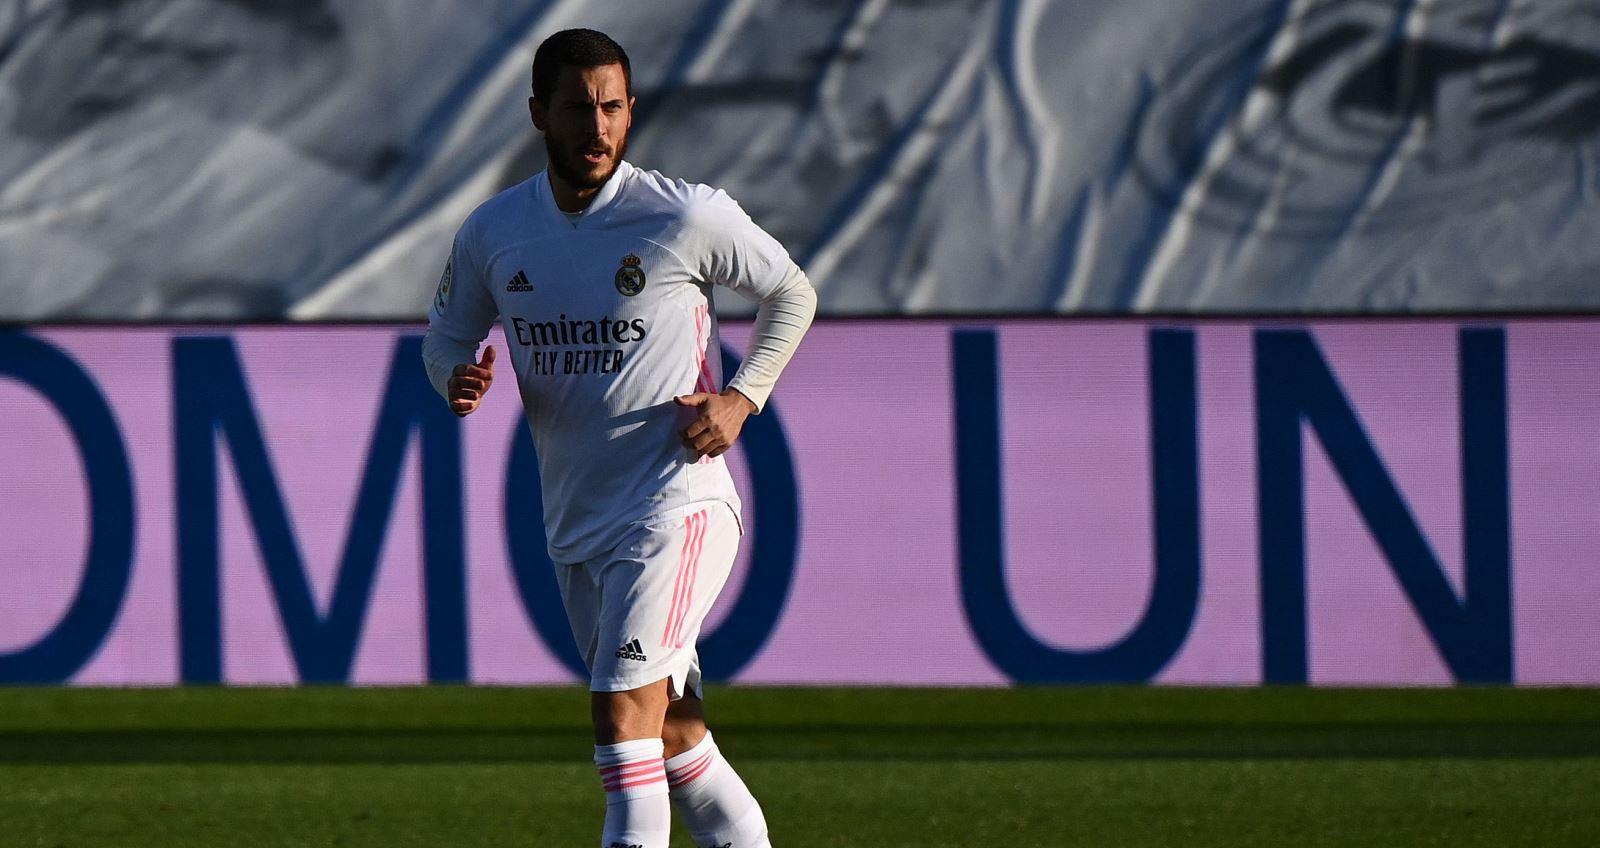 Real Madrid, Real, Hazard, Hazard chấn thương, truc tiep bong da hôm nay, trực tiếp bóng đá, truc tiep bong da, lich thi dau bong da hôm nay, bong da hom nay, bóng đá